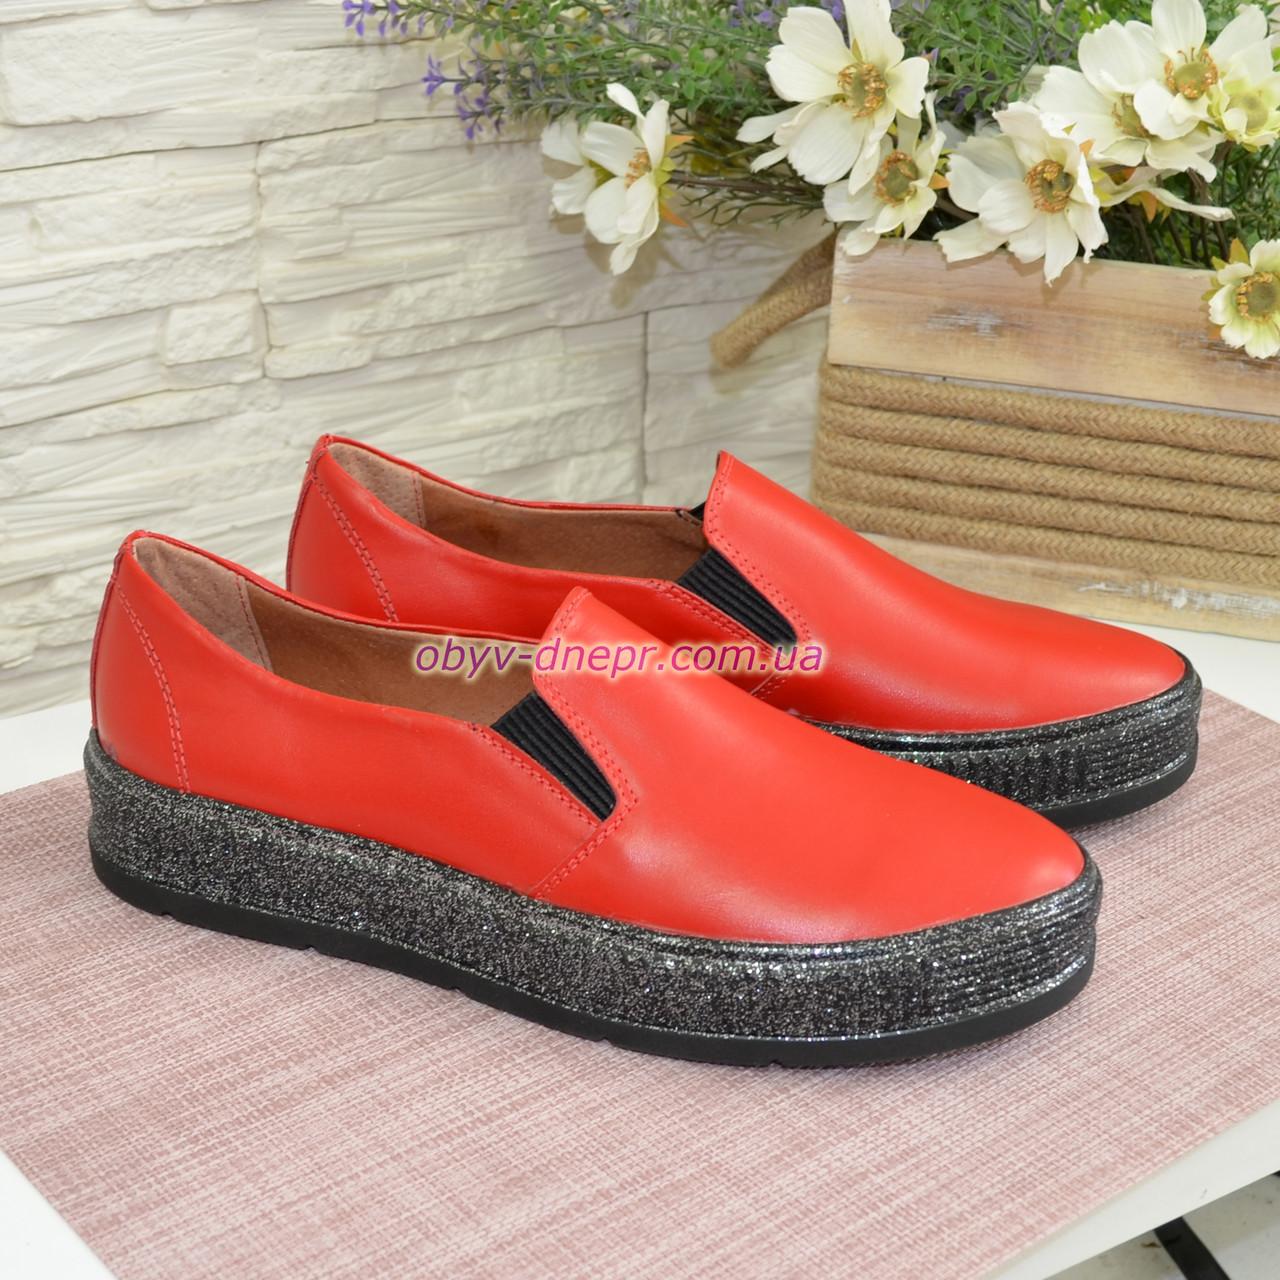 Туфли-мокасины кожаные женские на утолщенной подошве, цвет красный